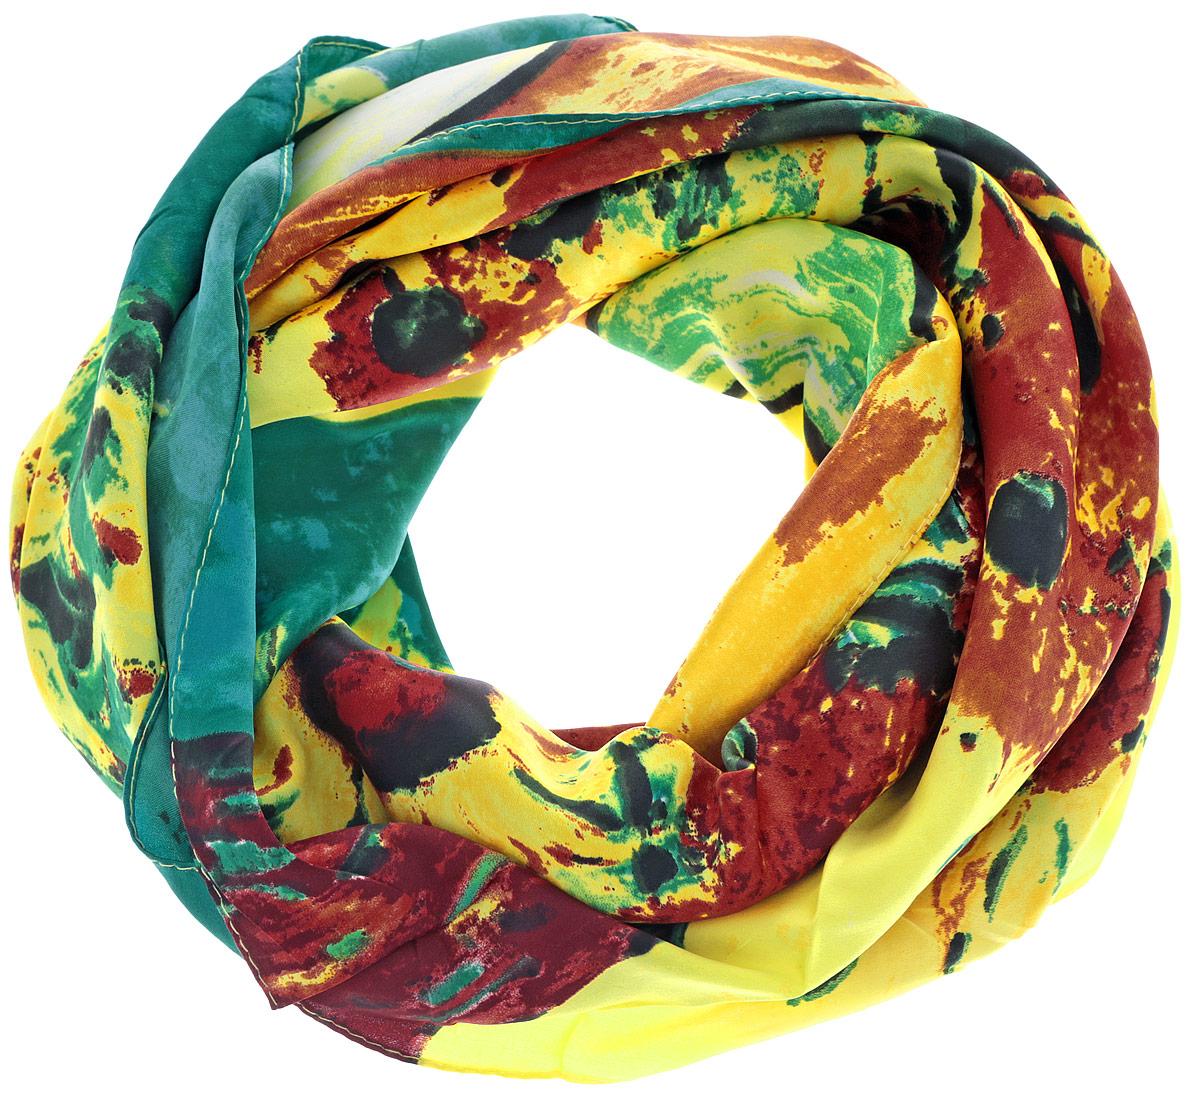 Платок женский. 0510115241_370510115241_37Стильный женский платок Sabellino станет великолепным завершением любого наряда. Платок изготовлен из полиэстера и оформлен оригинальным цветочным рисунком. Изделие прекрасно дополнит ваш гардероб и поможет создать новые и свежие образы. Женственный аксессуар для креативных и творческих девушек!